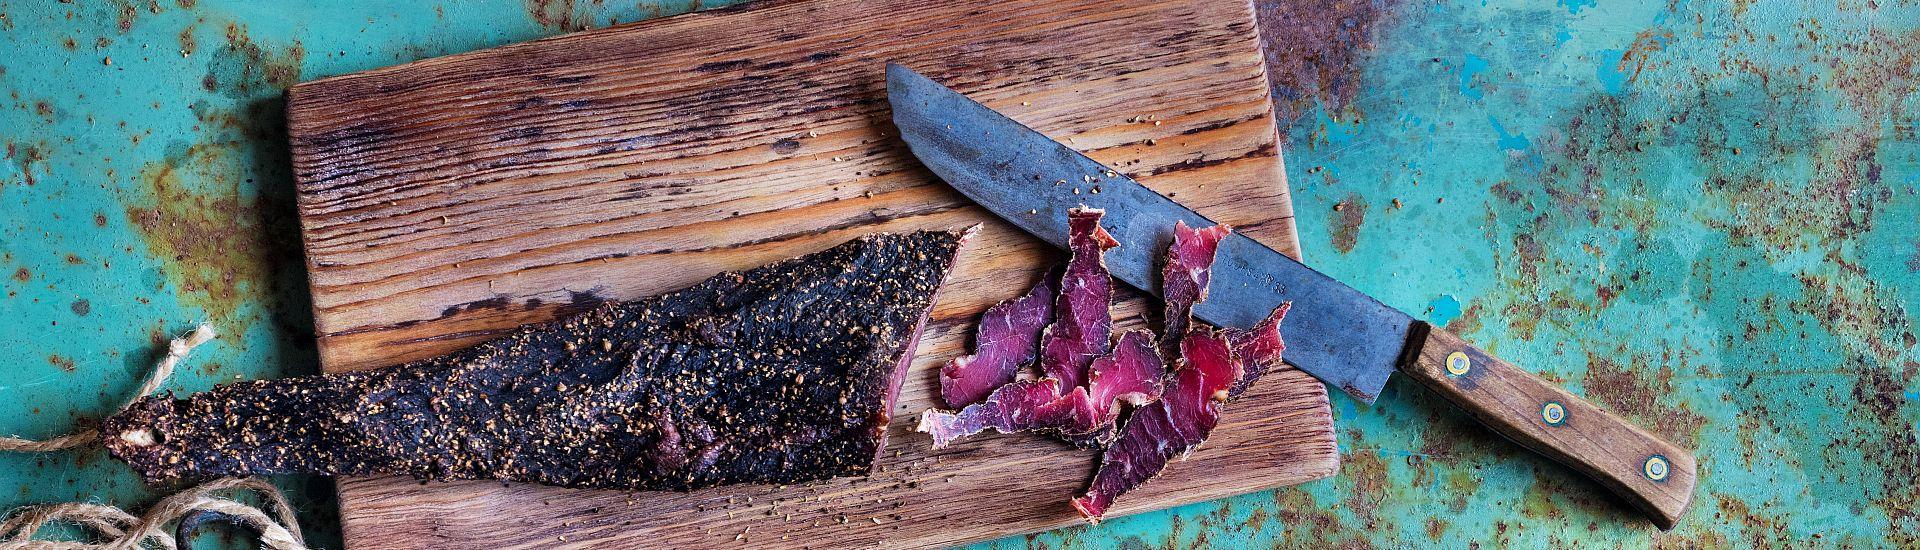 Sušené maso Biltong banner 1